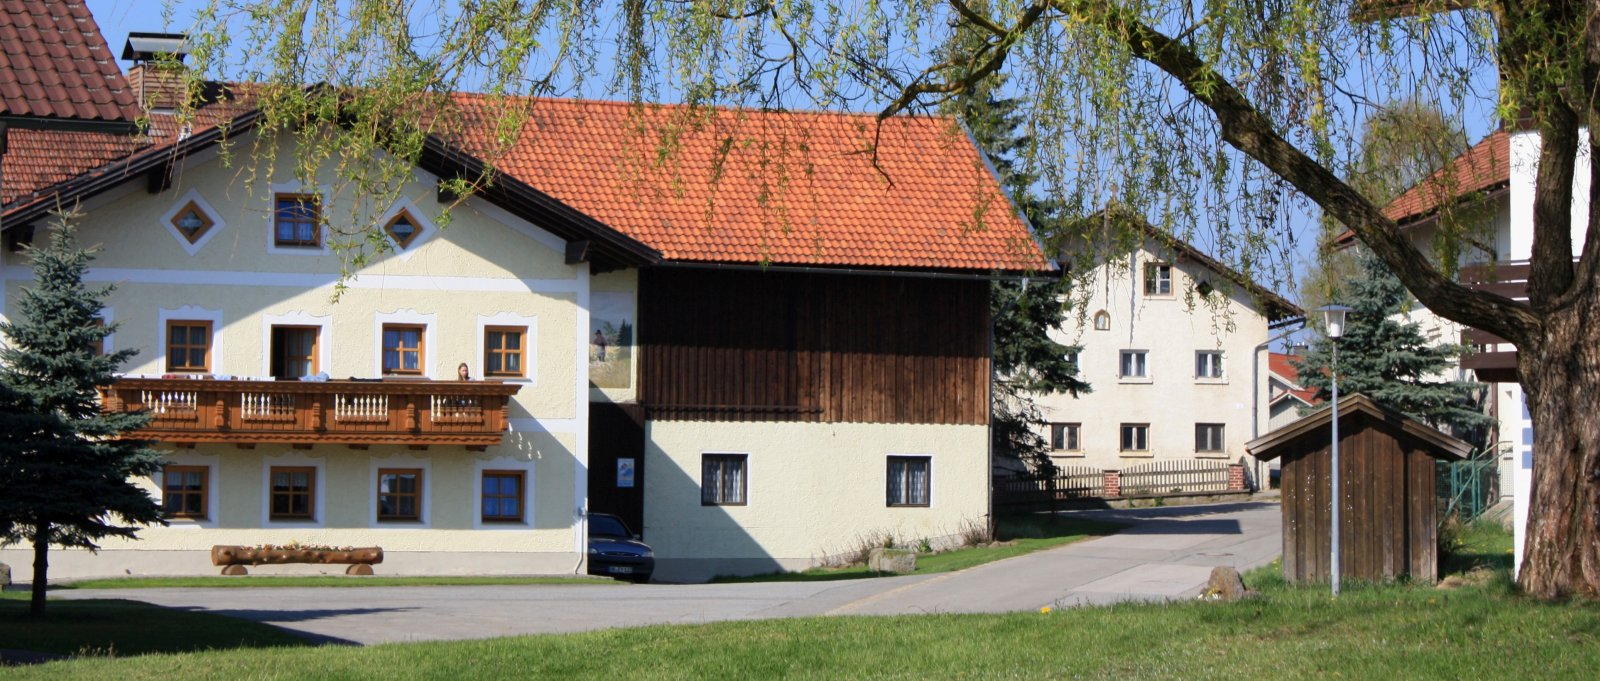 Bauernhof Kopp bei Bodenmais